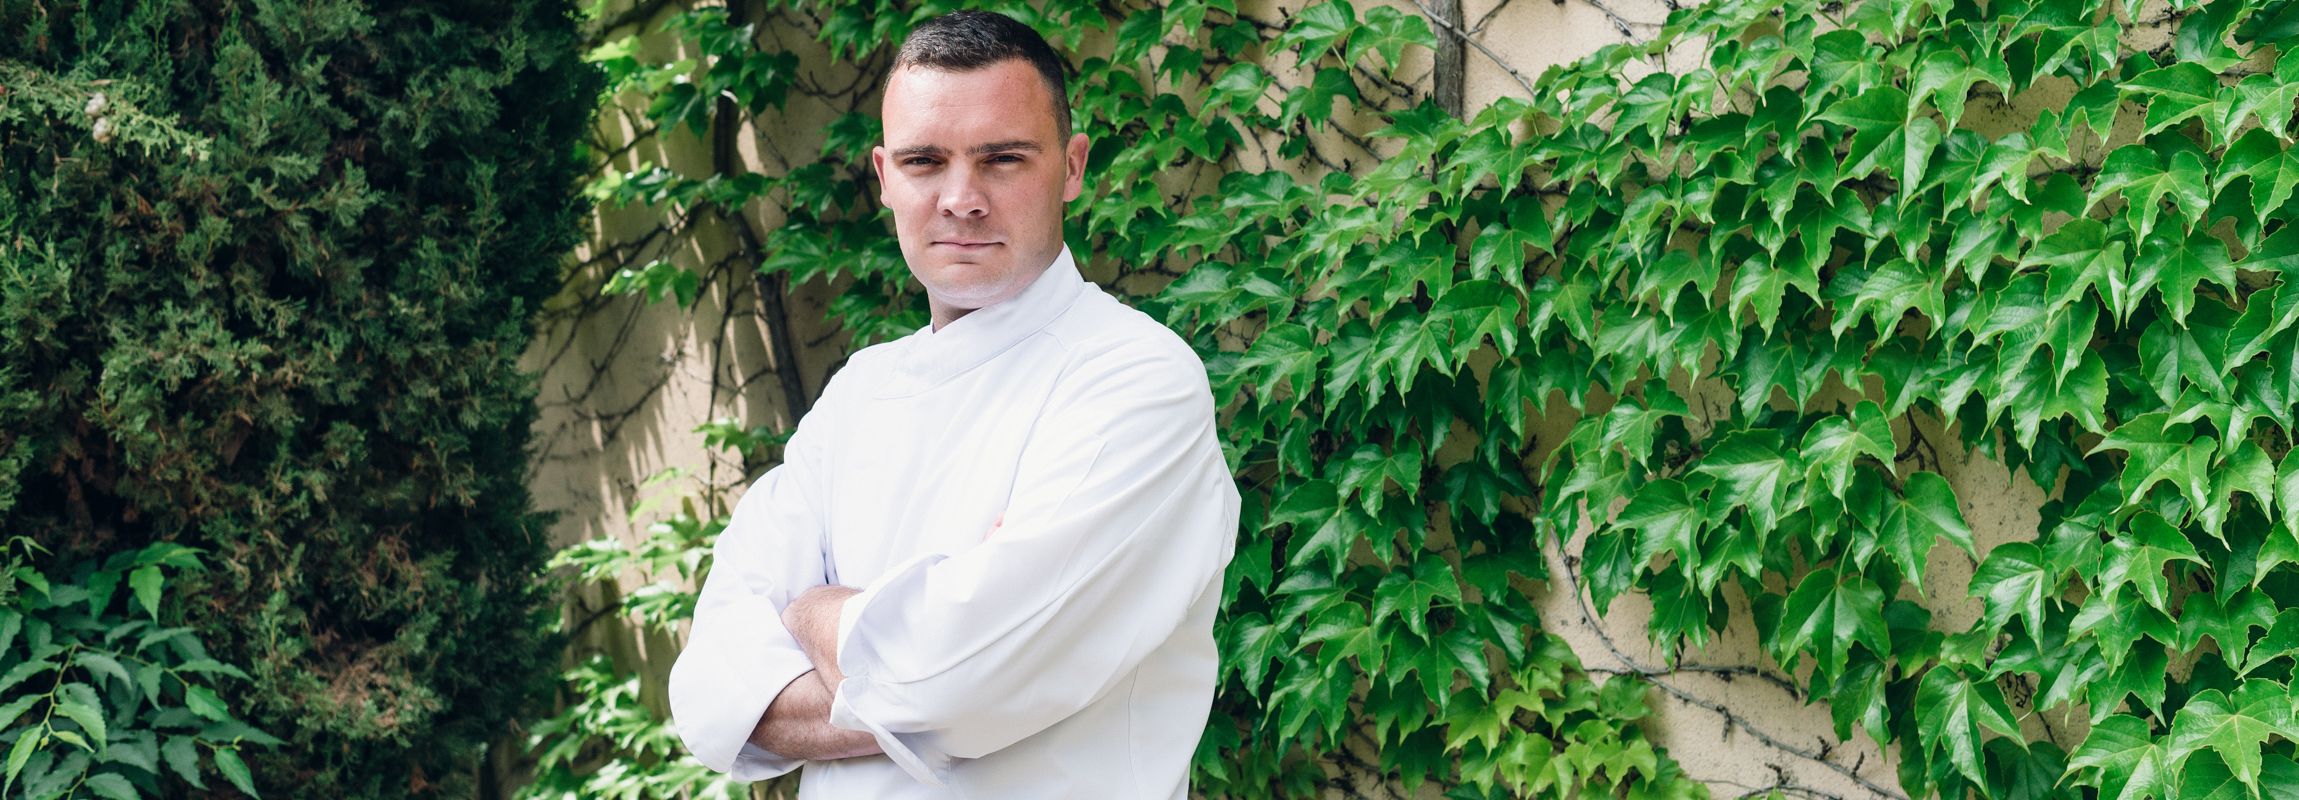 Matthieu Hervé, Chefkoch des Château de Montcaud